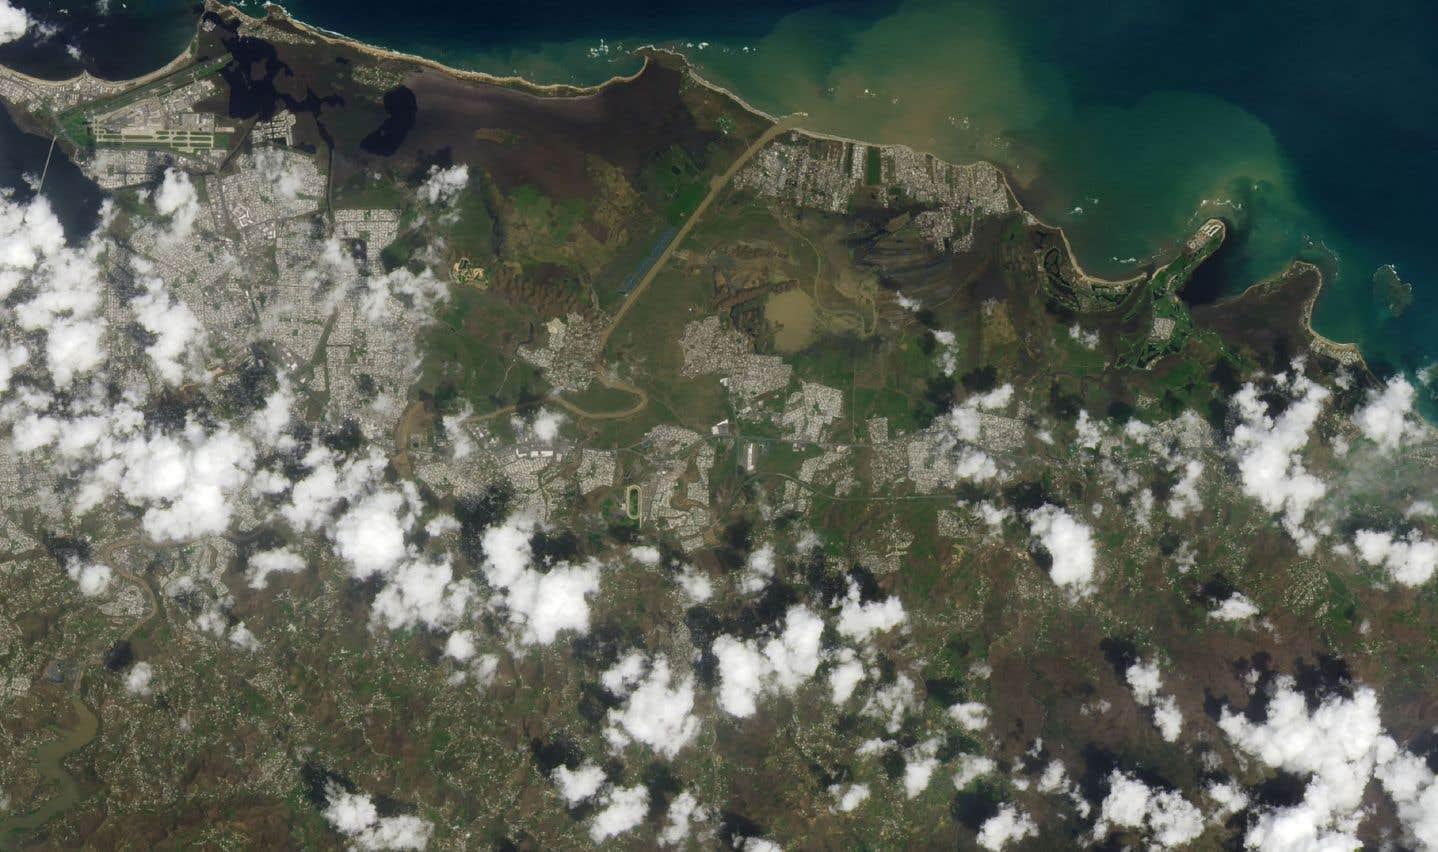 Sur les 50 variables climatiques essentielles à la compréhension du climat, 26 sont observées depuis l'espace grâce à des satellites.